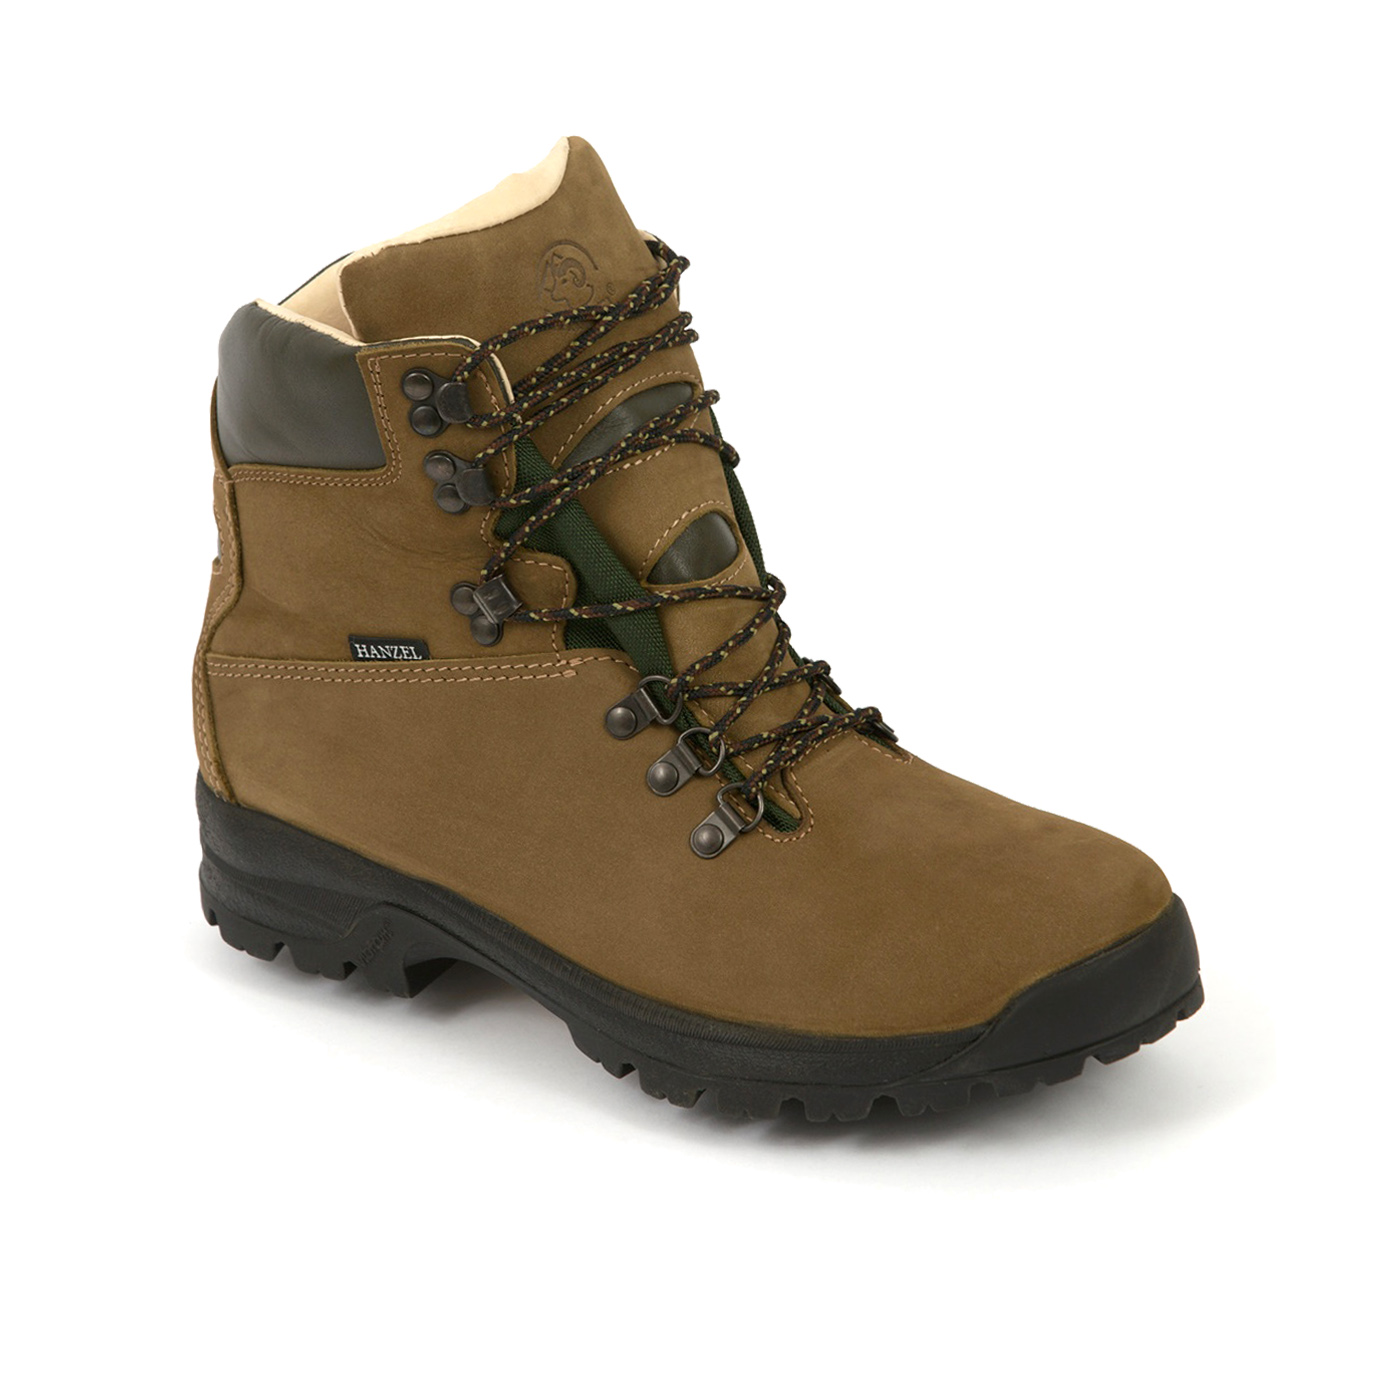 f2321fa4f4d8 Trvácna poľovnícka obuv z brúsenej kože s koženou podšívkou nie len pre  poľovníkov či turistov